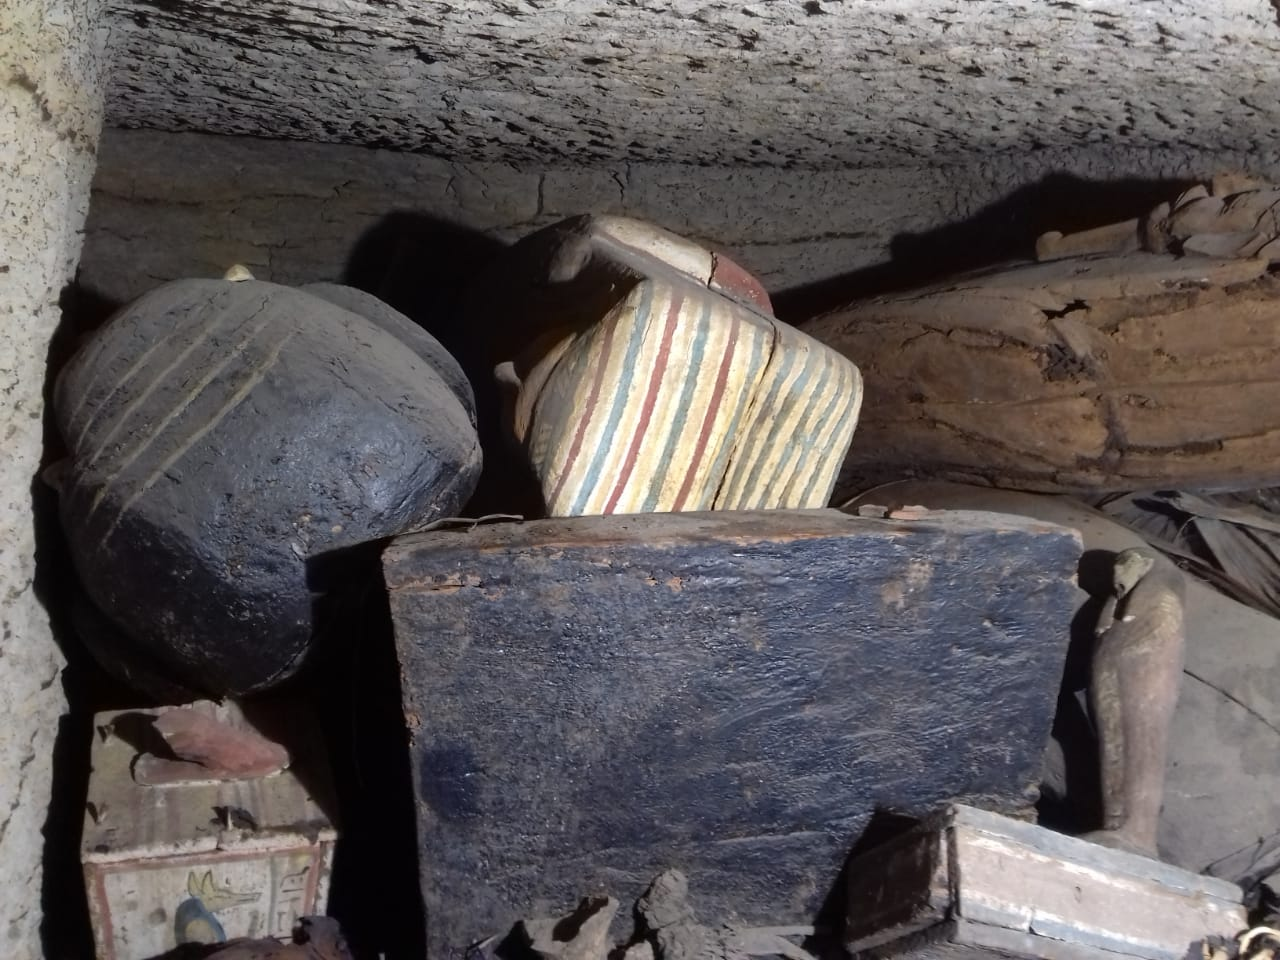 الآثار تعلن اكتشاف 14 تابوتا جديدا فى منطقة سقارة (1)